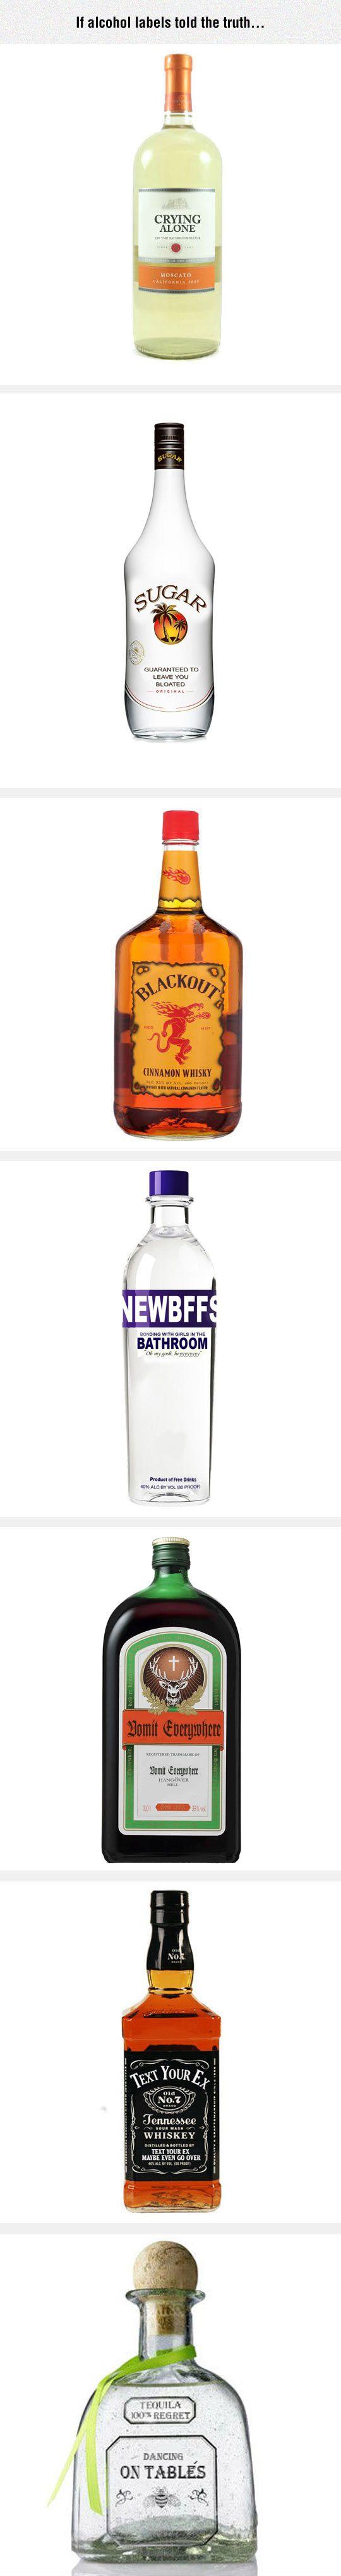 Honest Alcohol Labels